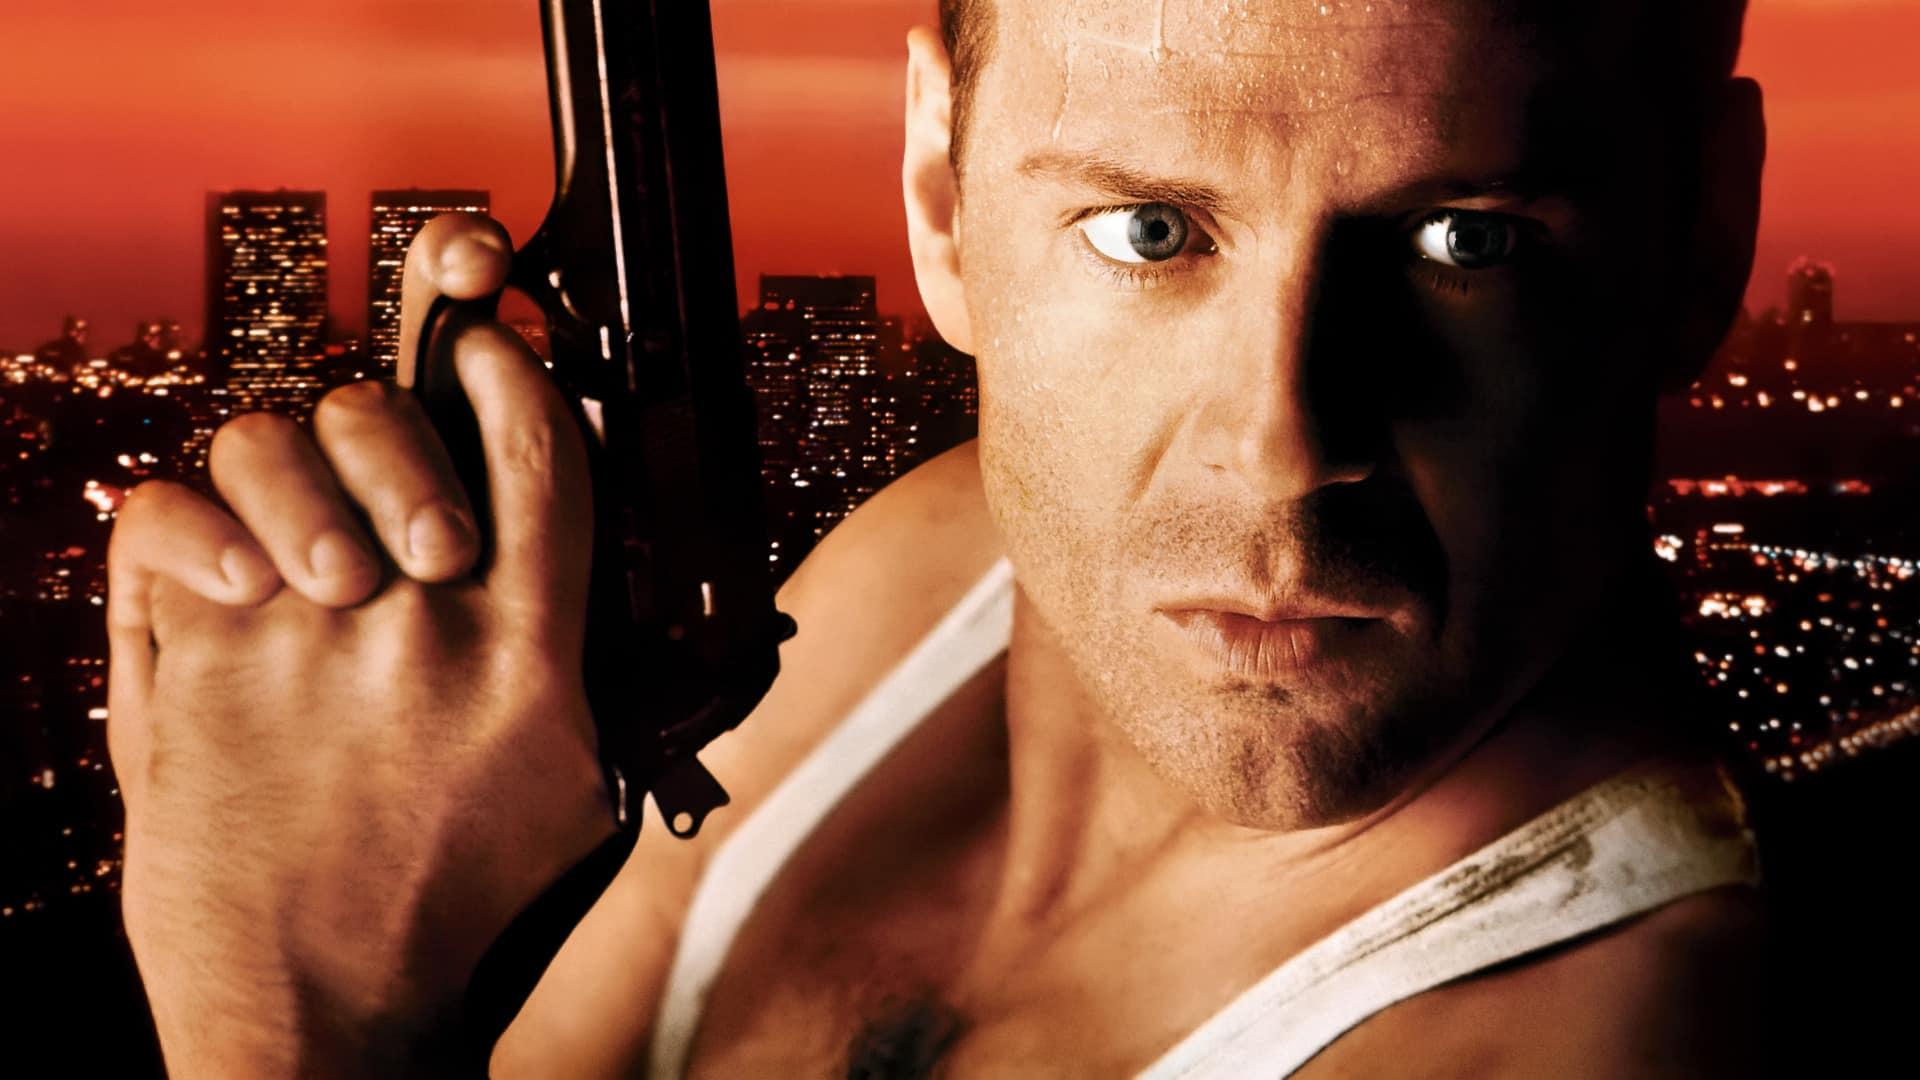 Immagini Hard Di Natale.Die Hard Bruce Willis Conferma Che Non E Un Film Di Natale